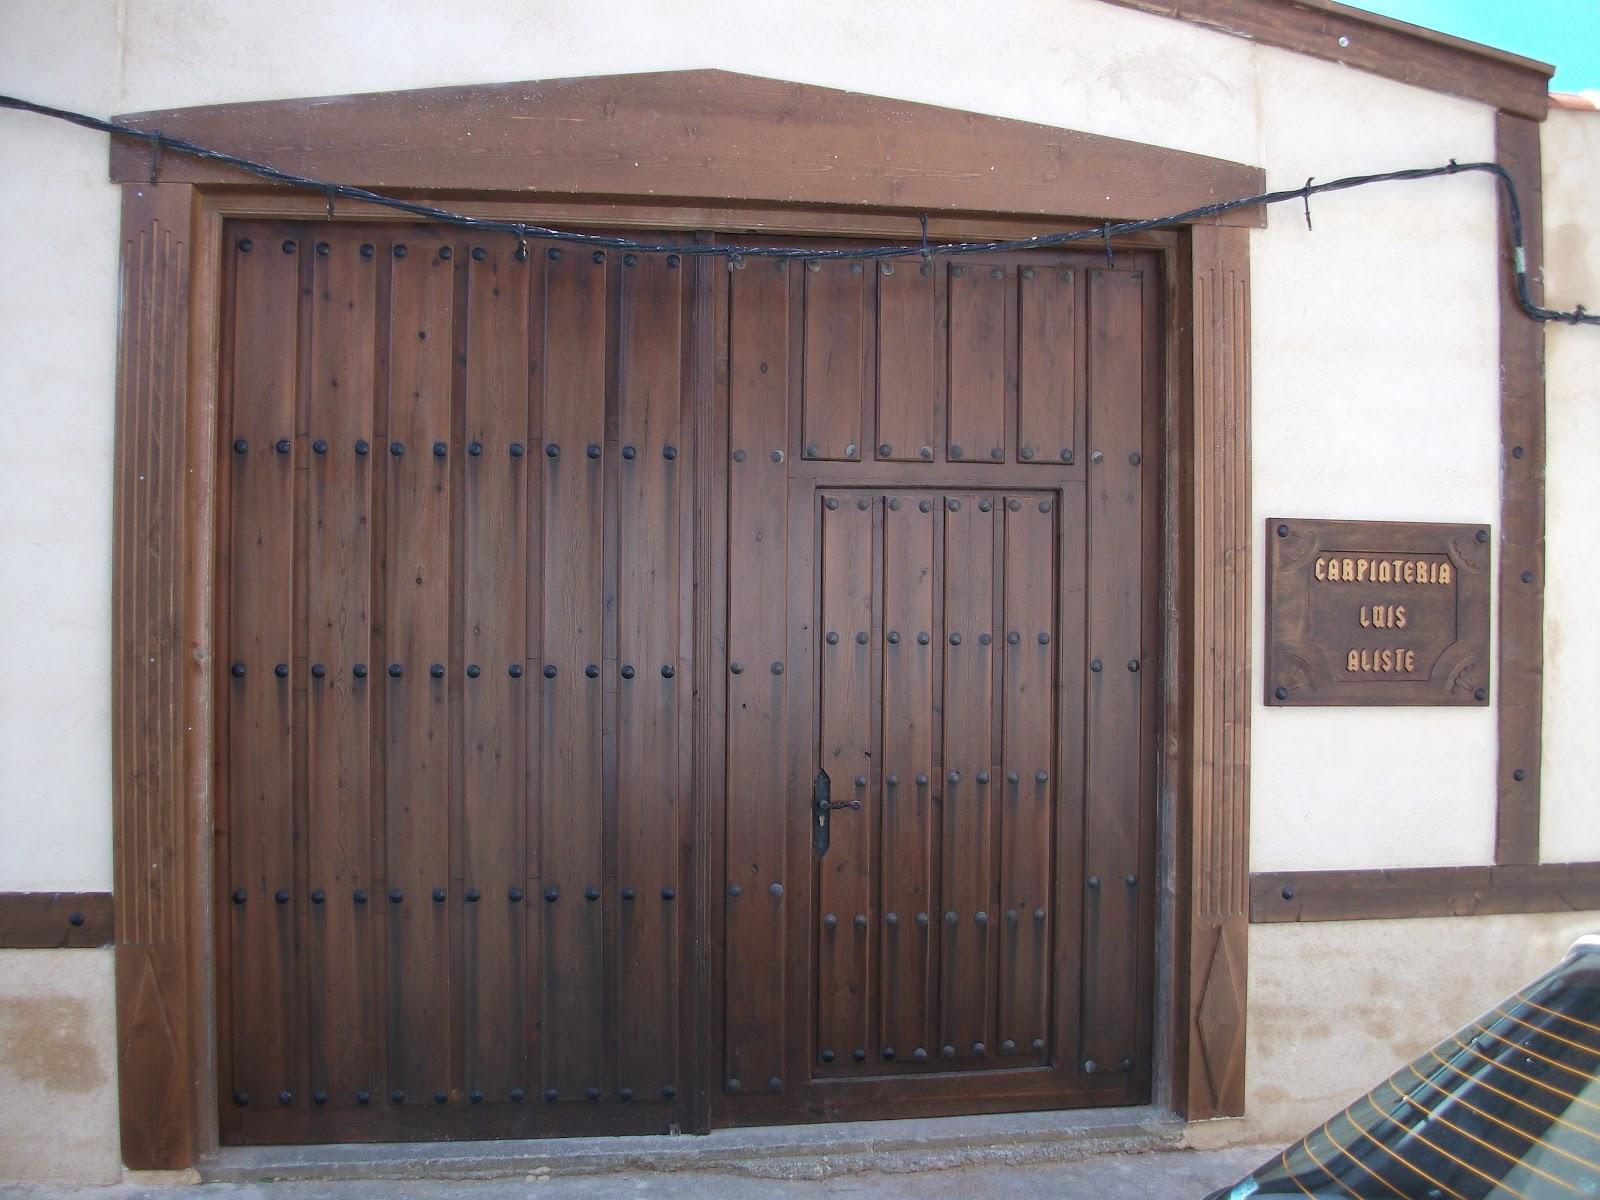 Carpinteria de madera luis aliste nuevo fachada y cartel for Carpinteria en madera